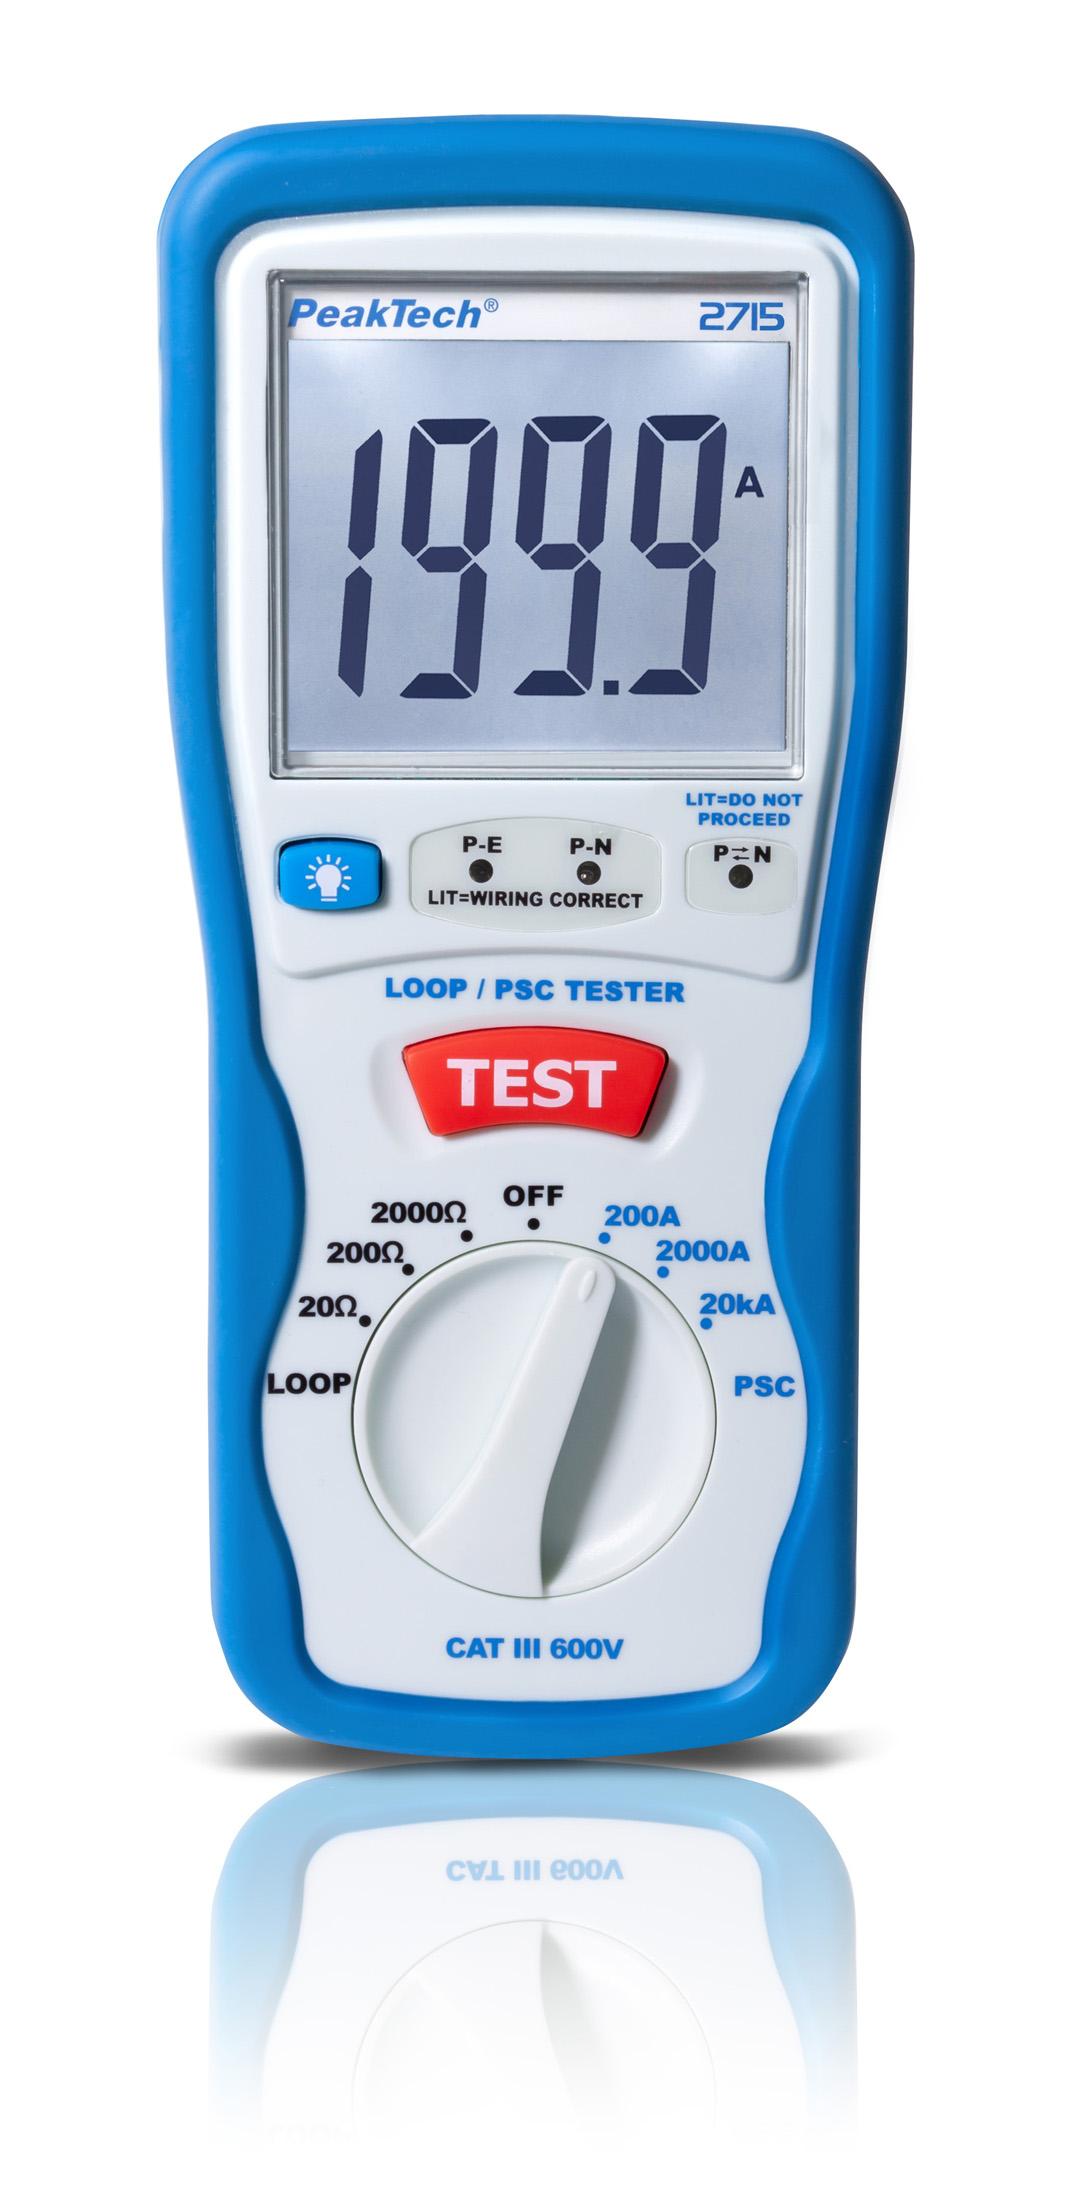 «PeakTech® P 2715» Digital LOOP / PSC loop impedance tester